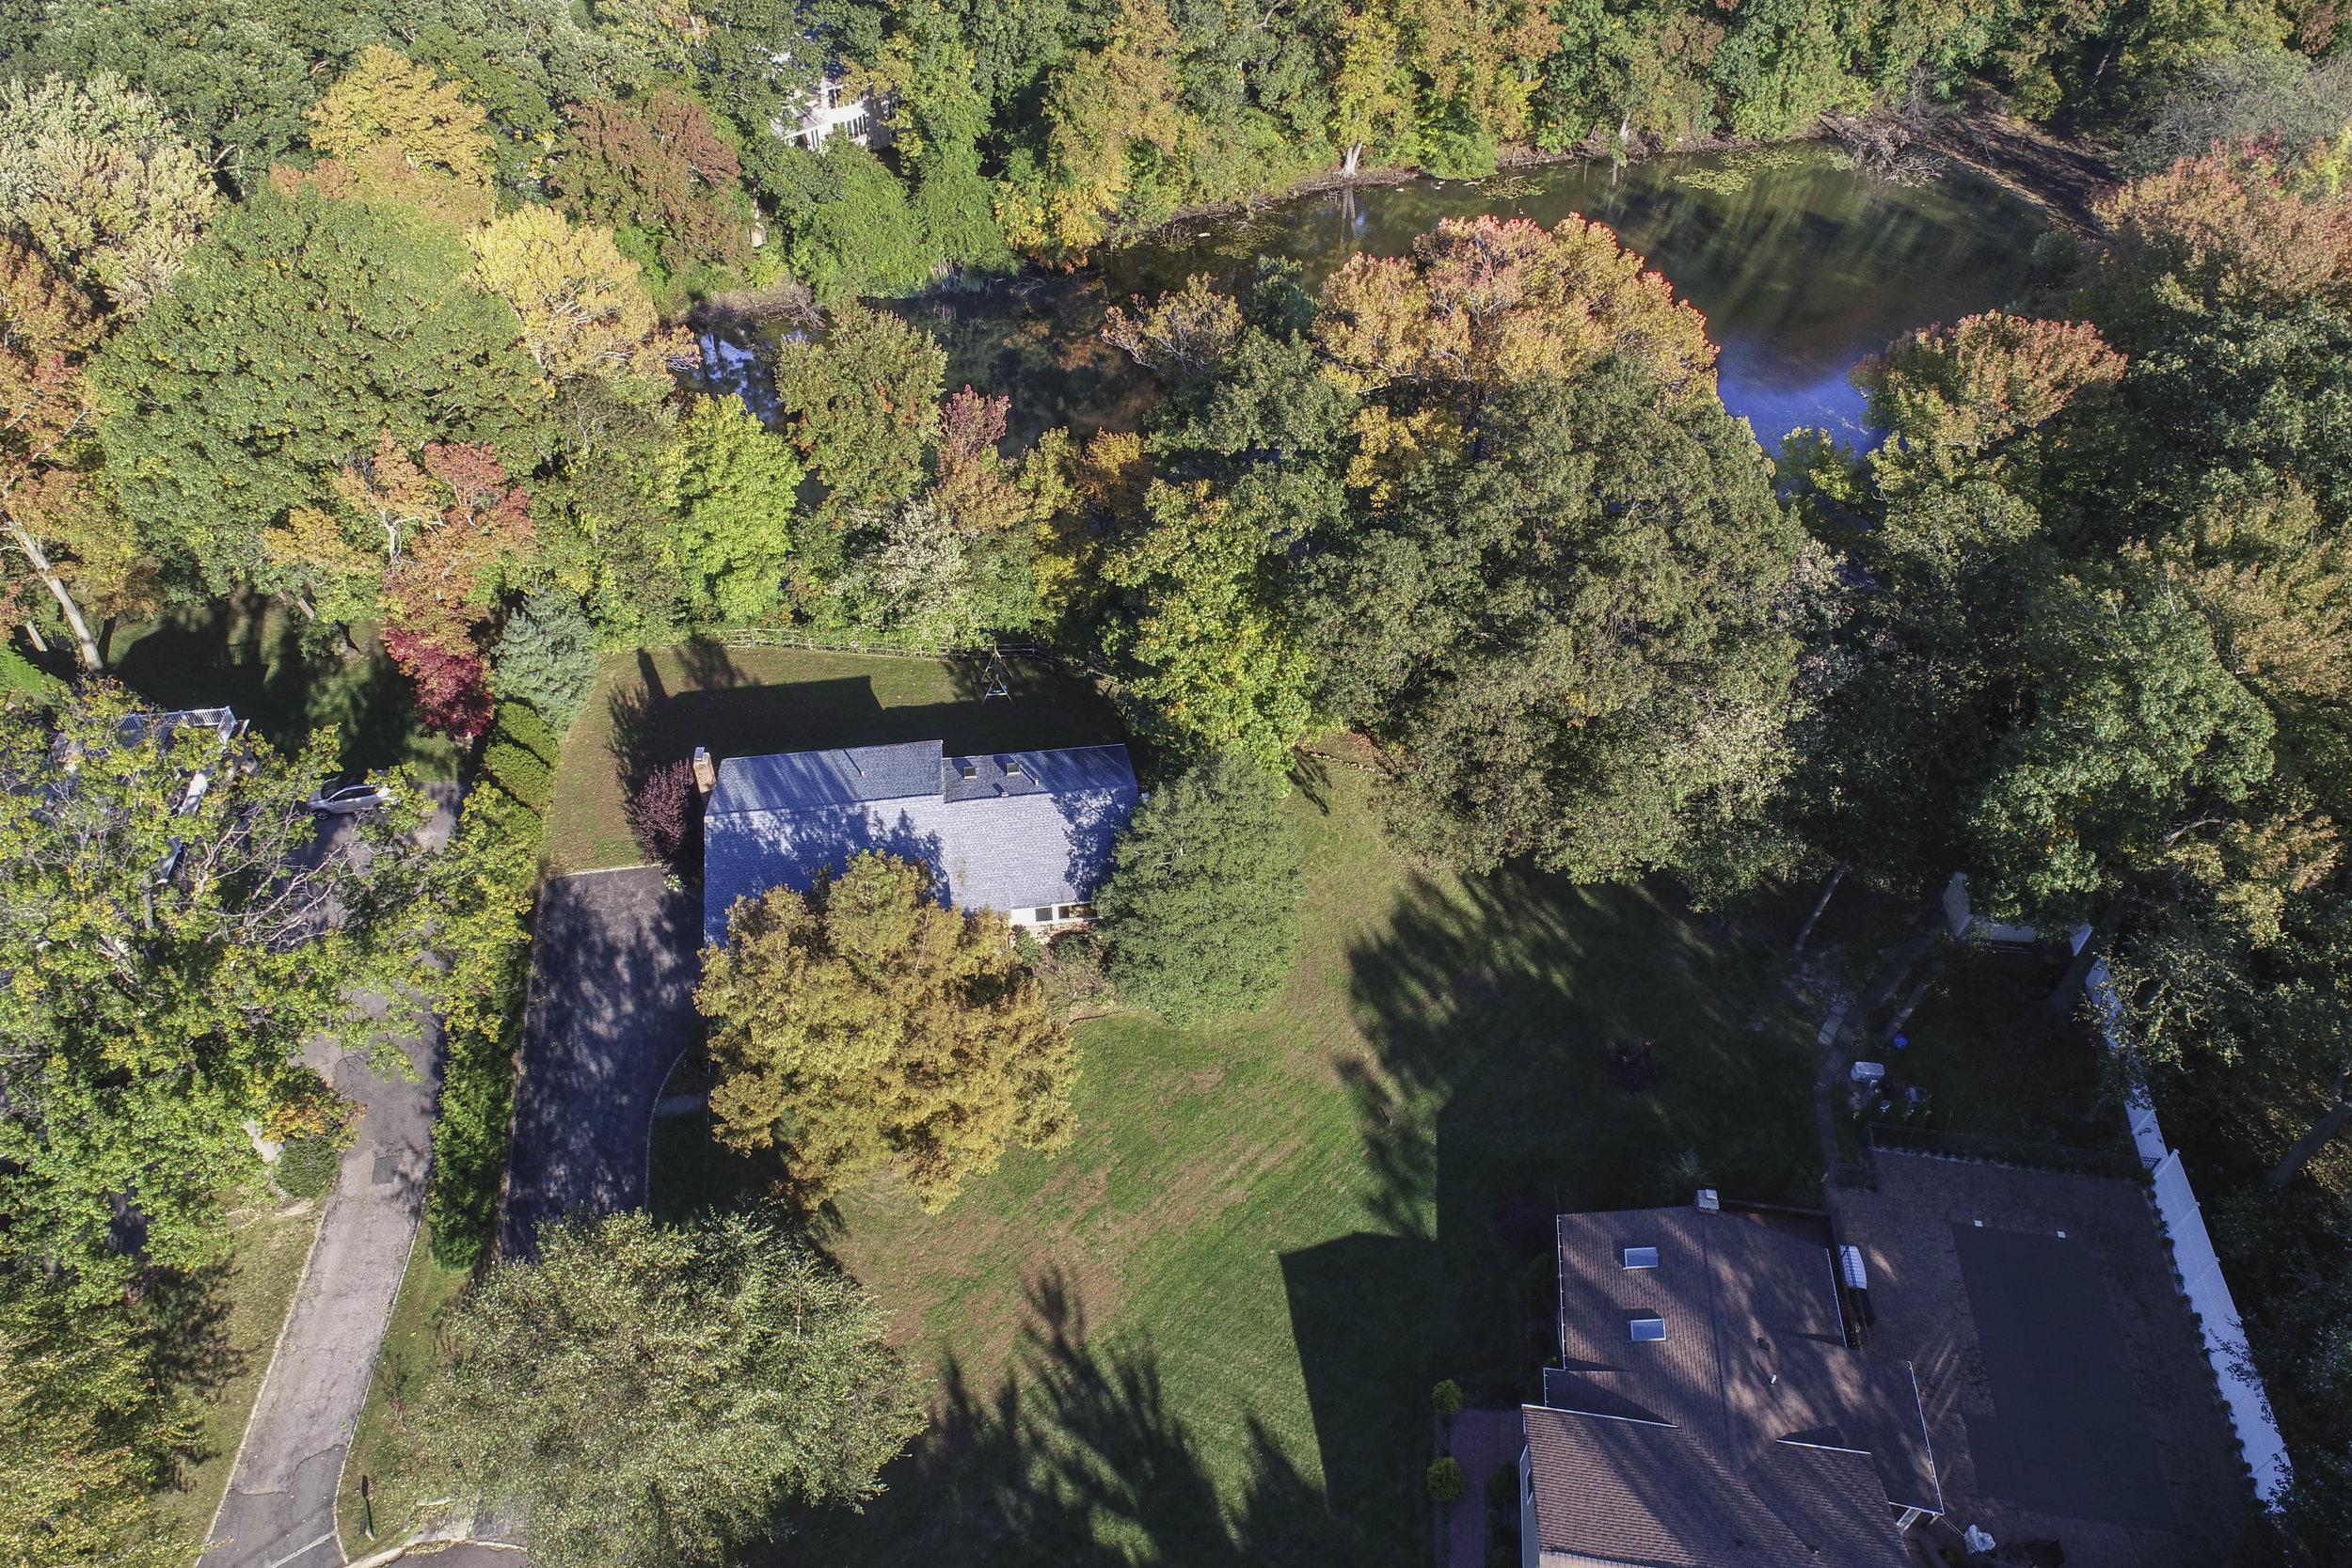 024_Aerial View 2.jpg